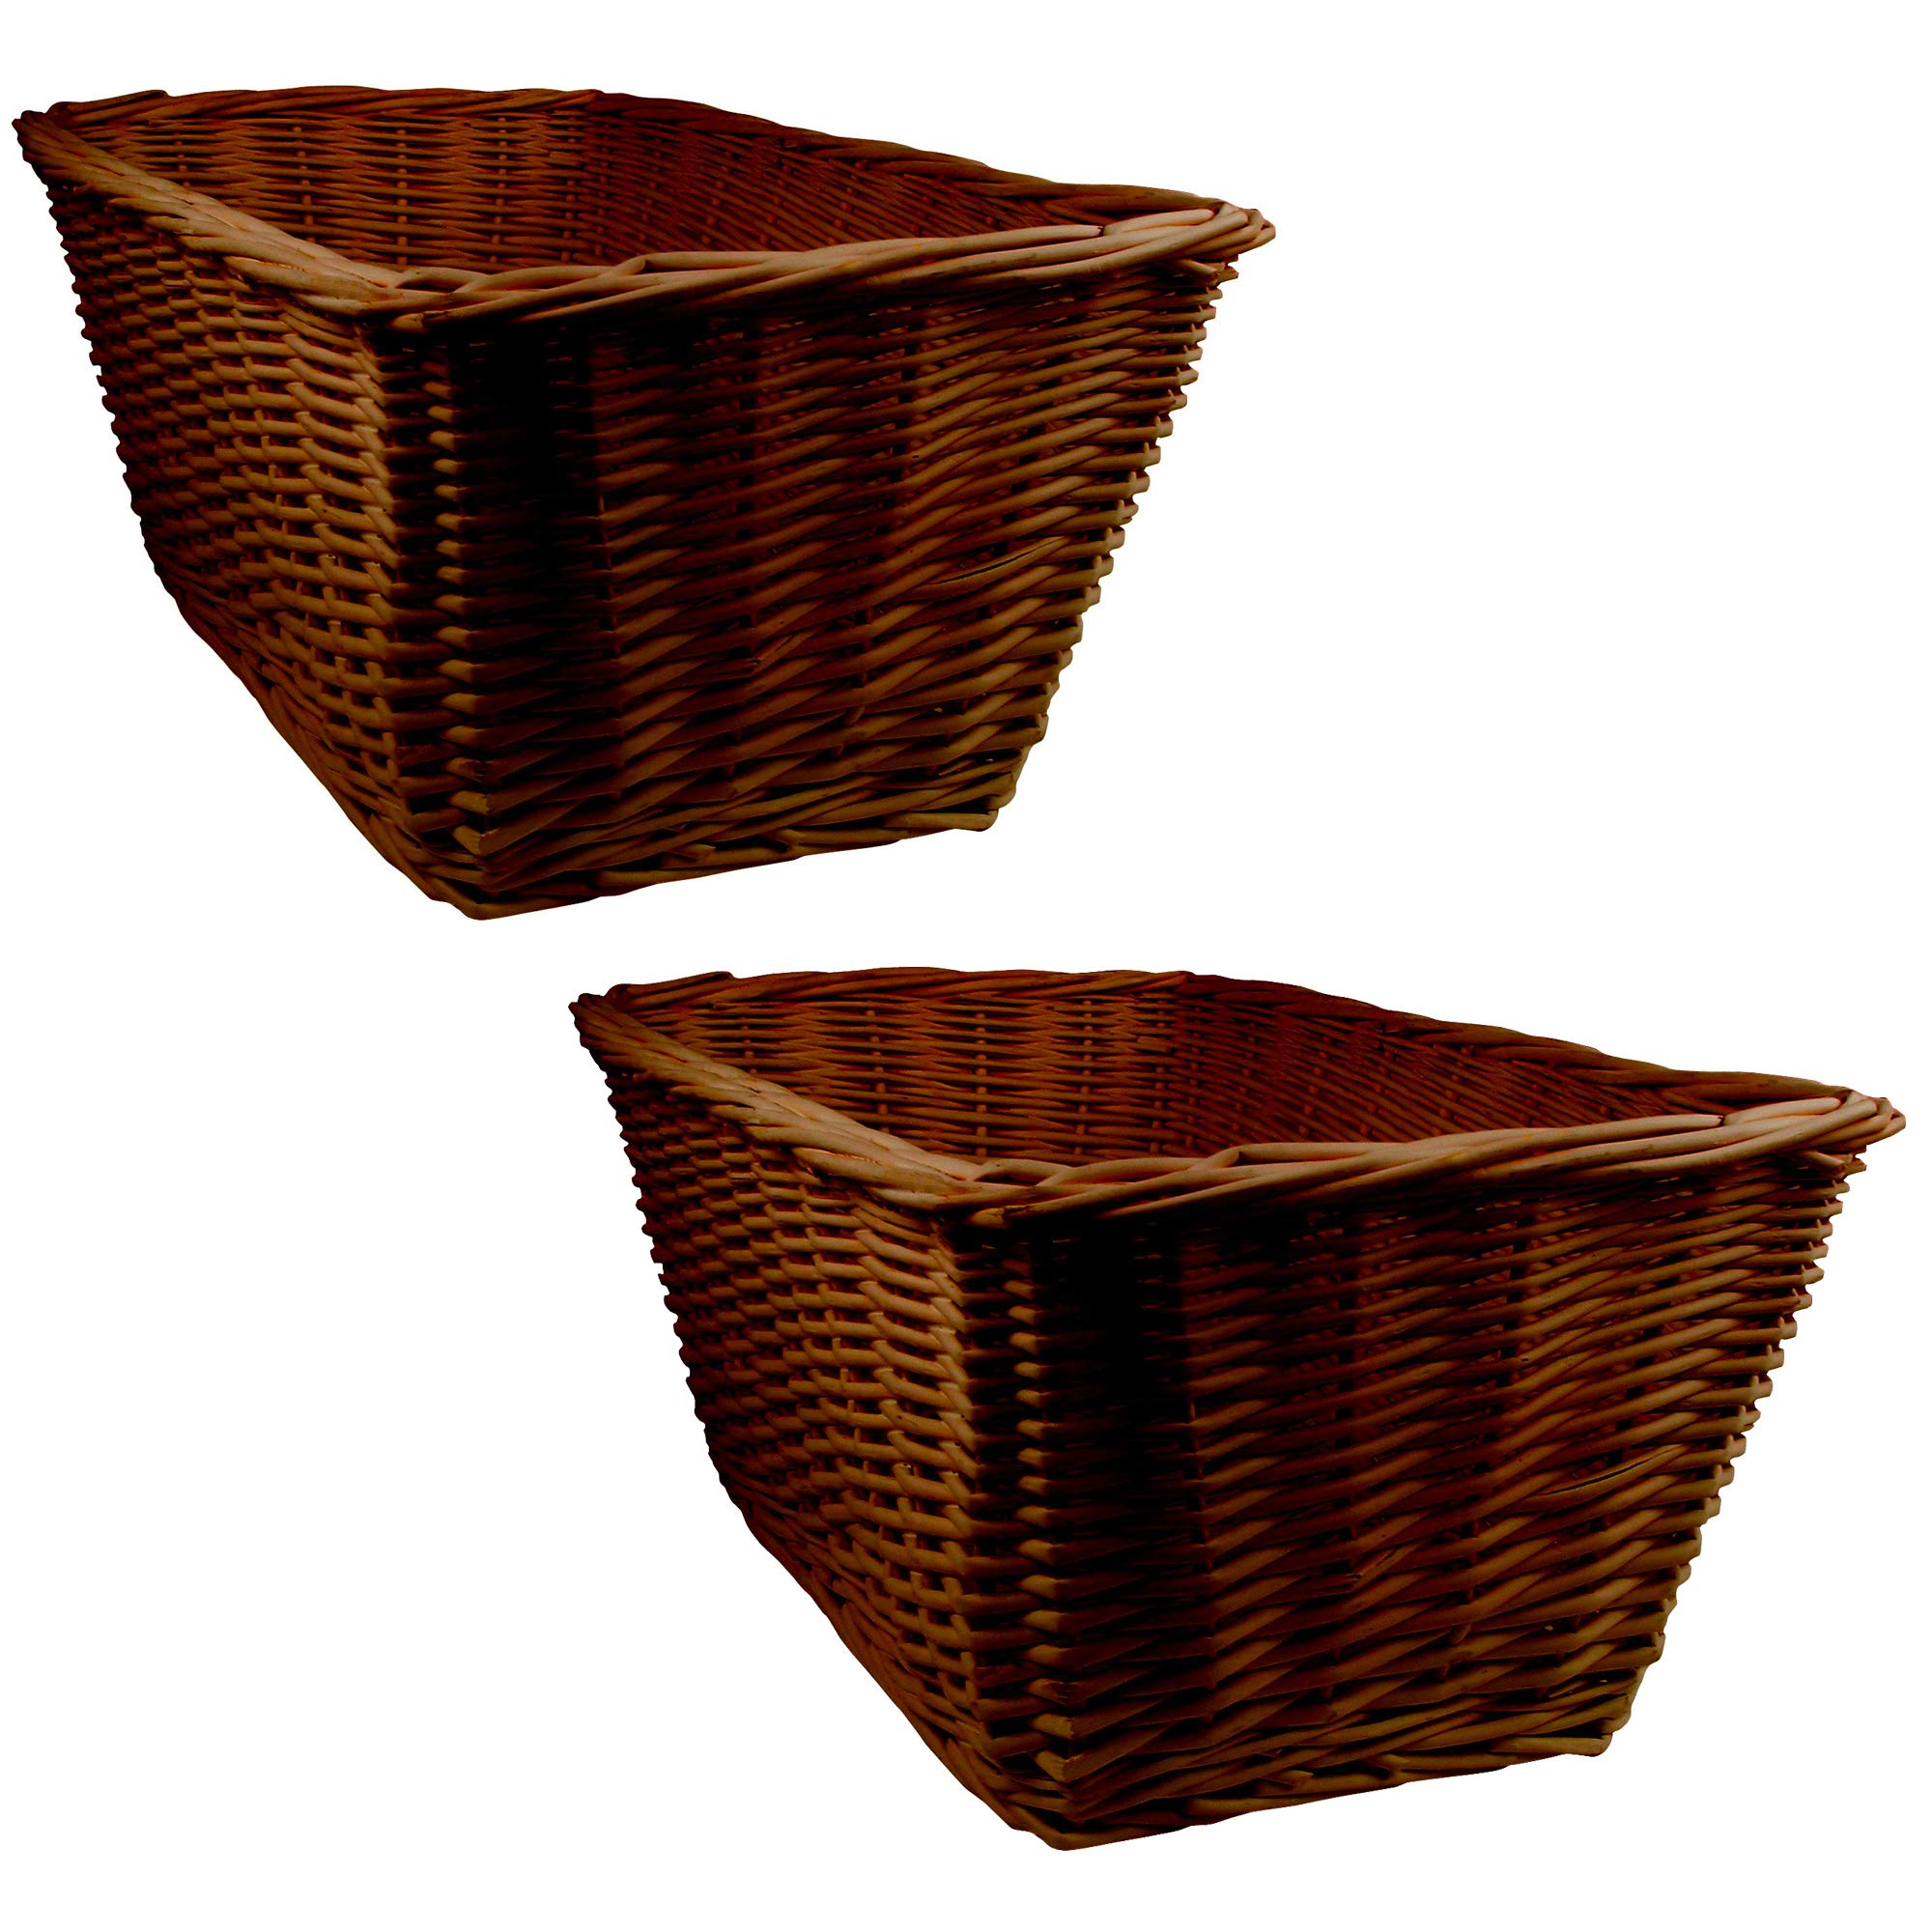 Lambs & Ivy Espresso Wooden Storage Basket - 2 Pack - Brown, Modern,